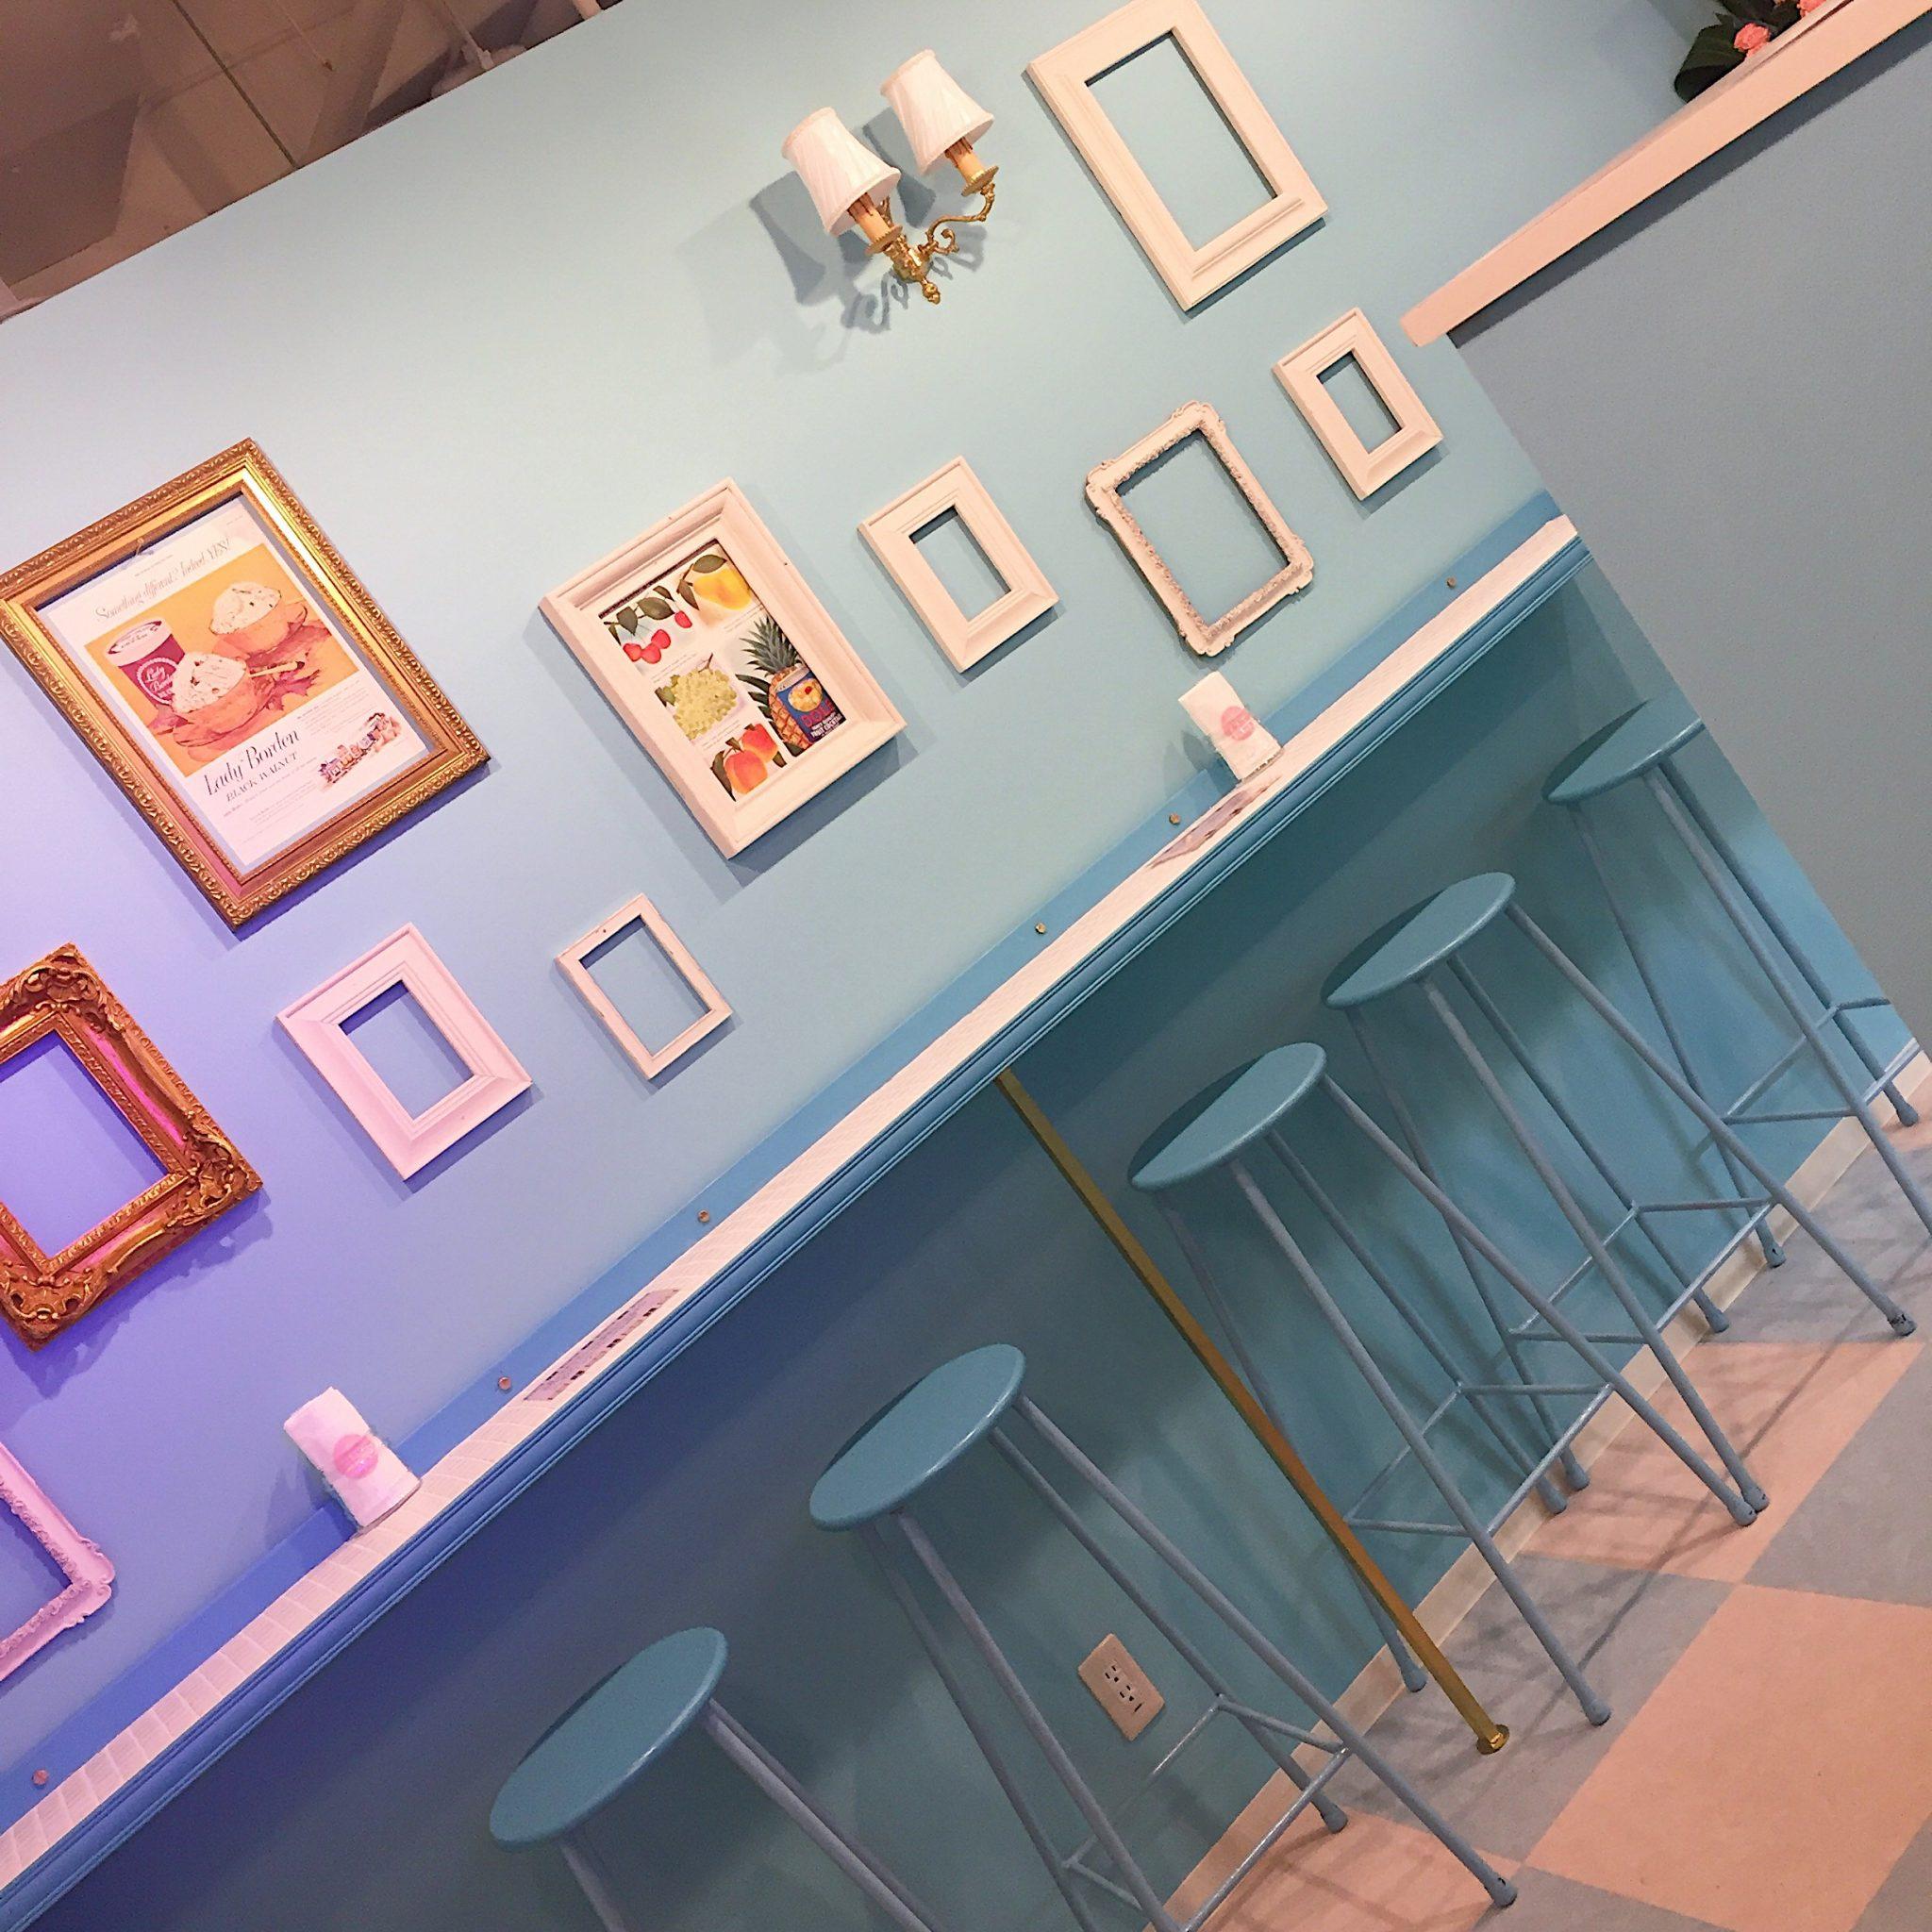 札幌にNEWオープンするフォトジェニックなカフェ♡ #カフェ #札幌